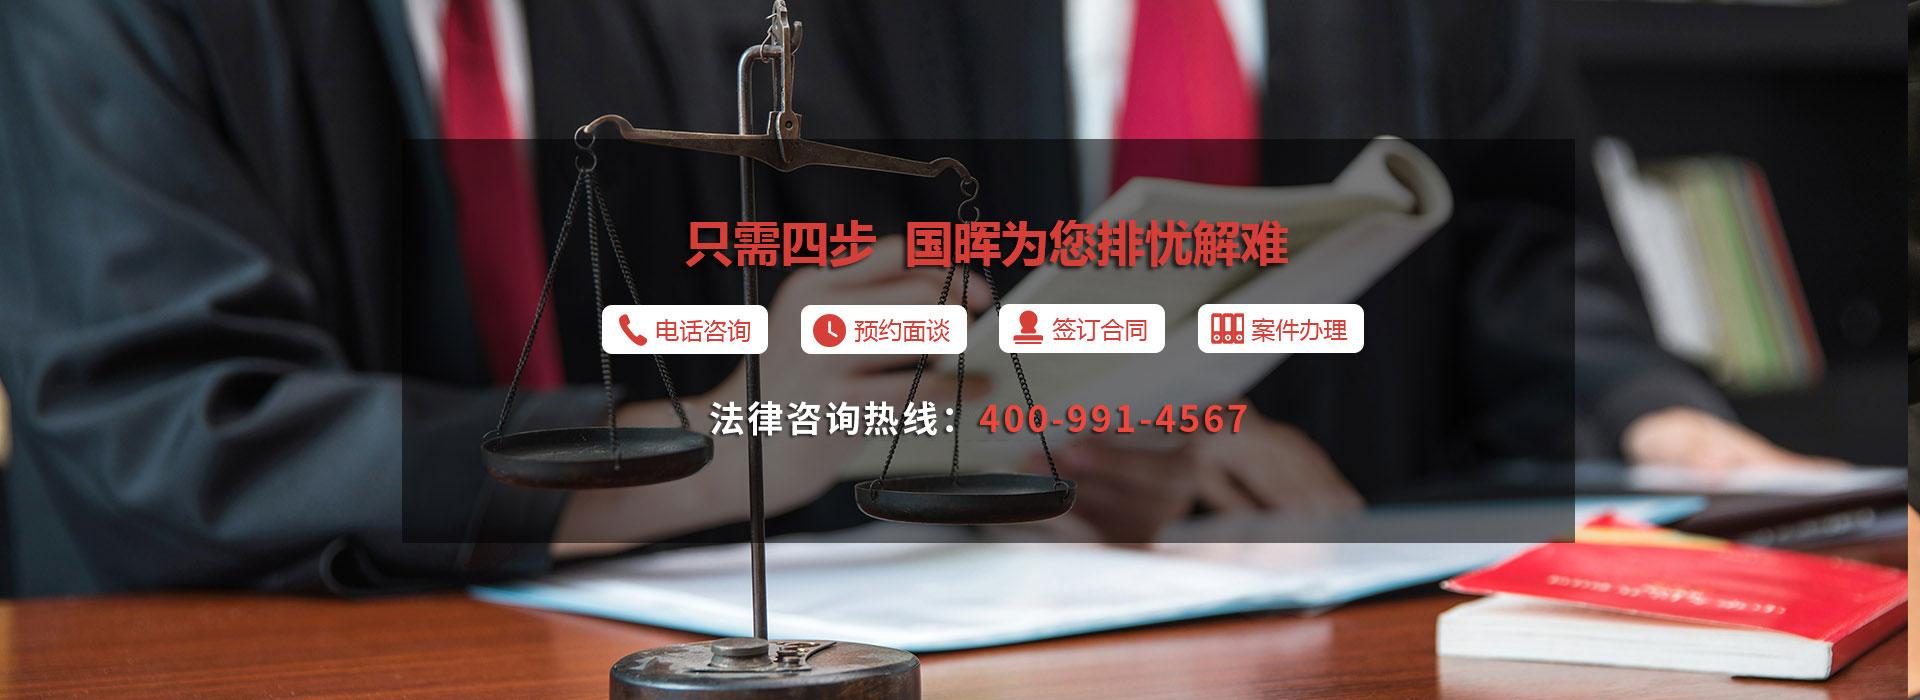 广东国晖(北京)律师事务所-只为受害人代言